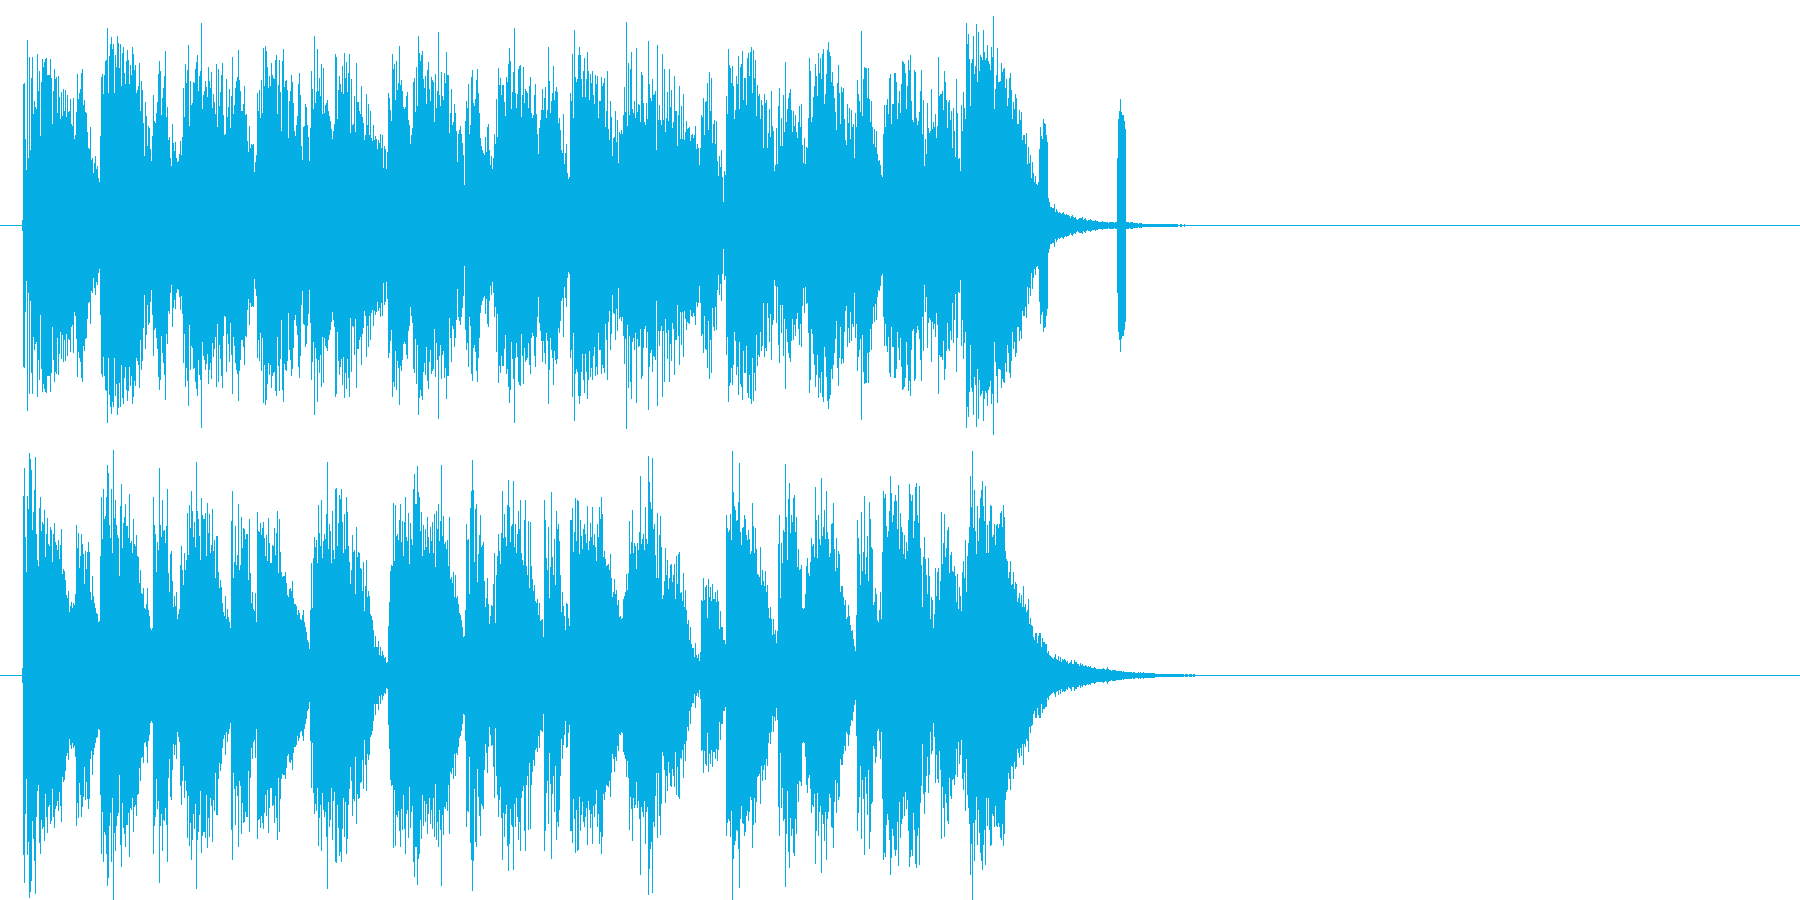 コミカル クイズ 発表 登場 イベントの再生済みの波形